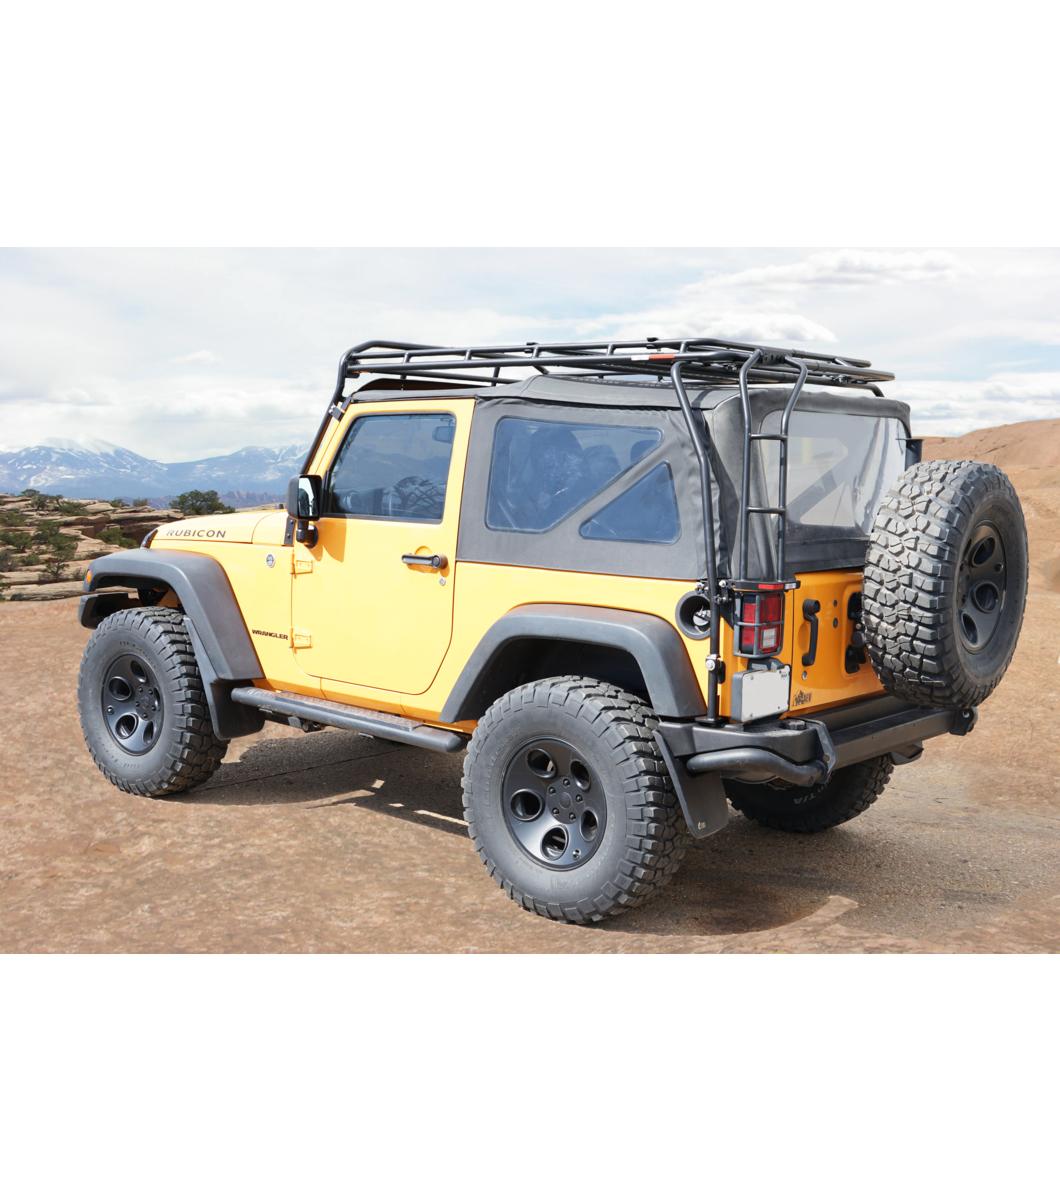 jeep jk 2door ranger rack multi light setup gobi racks. Black Bedroom Furniture Sets. Home Design Ideas